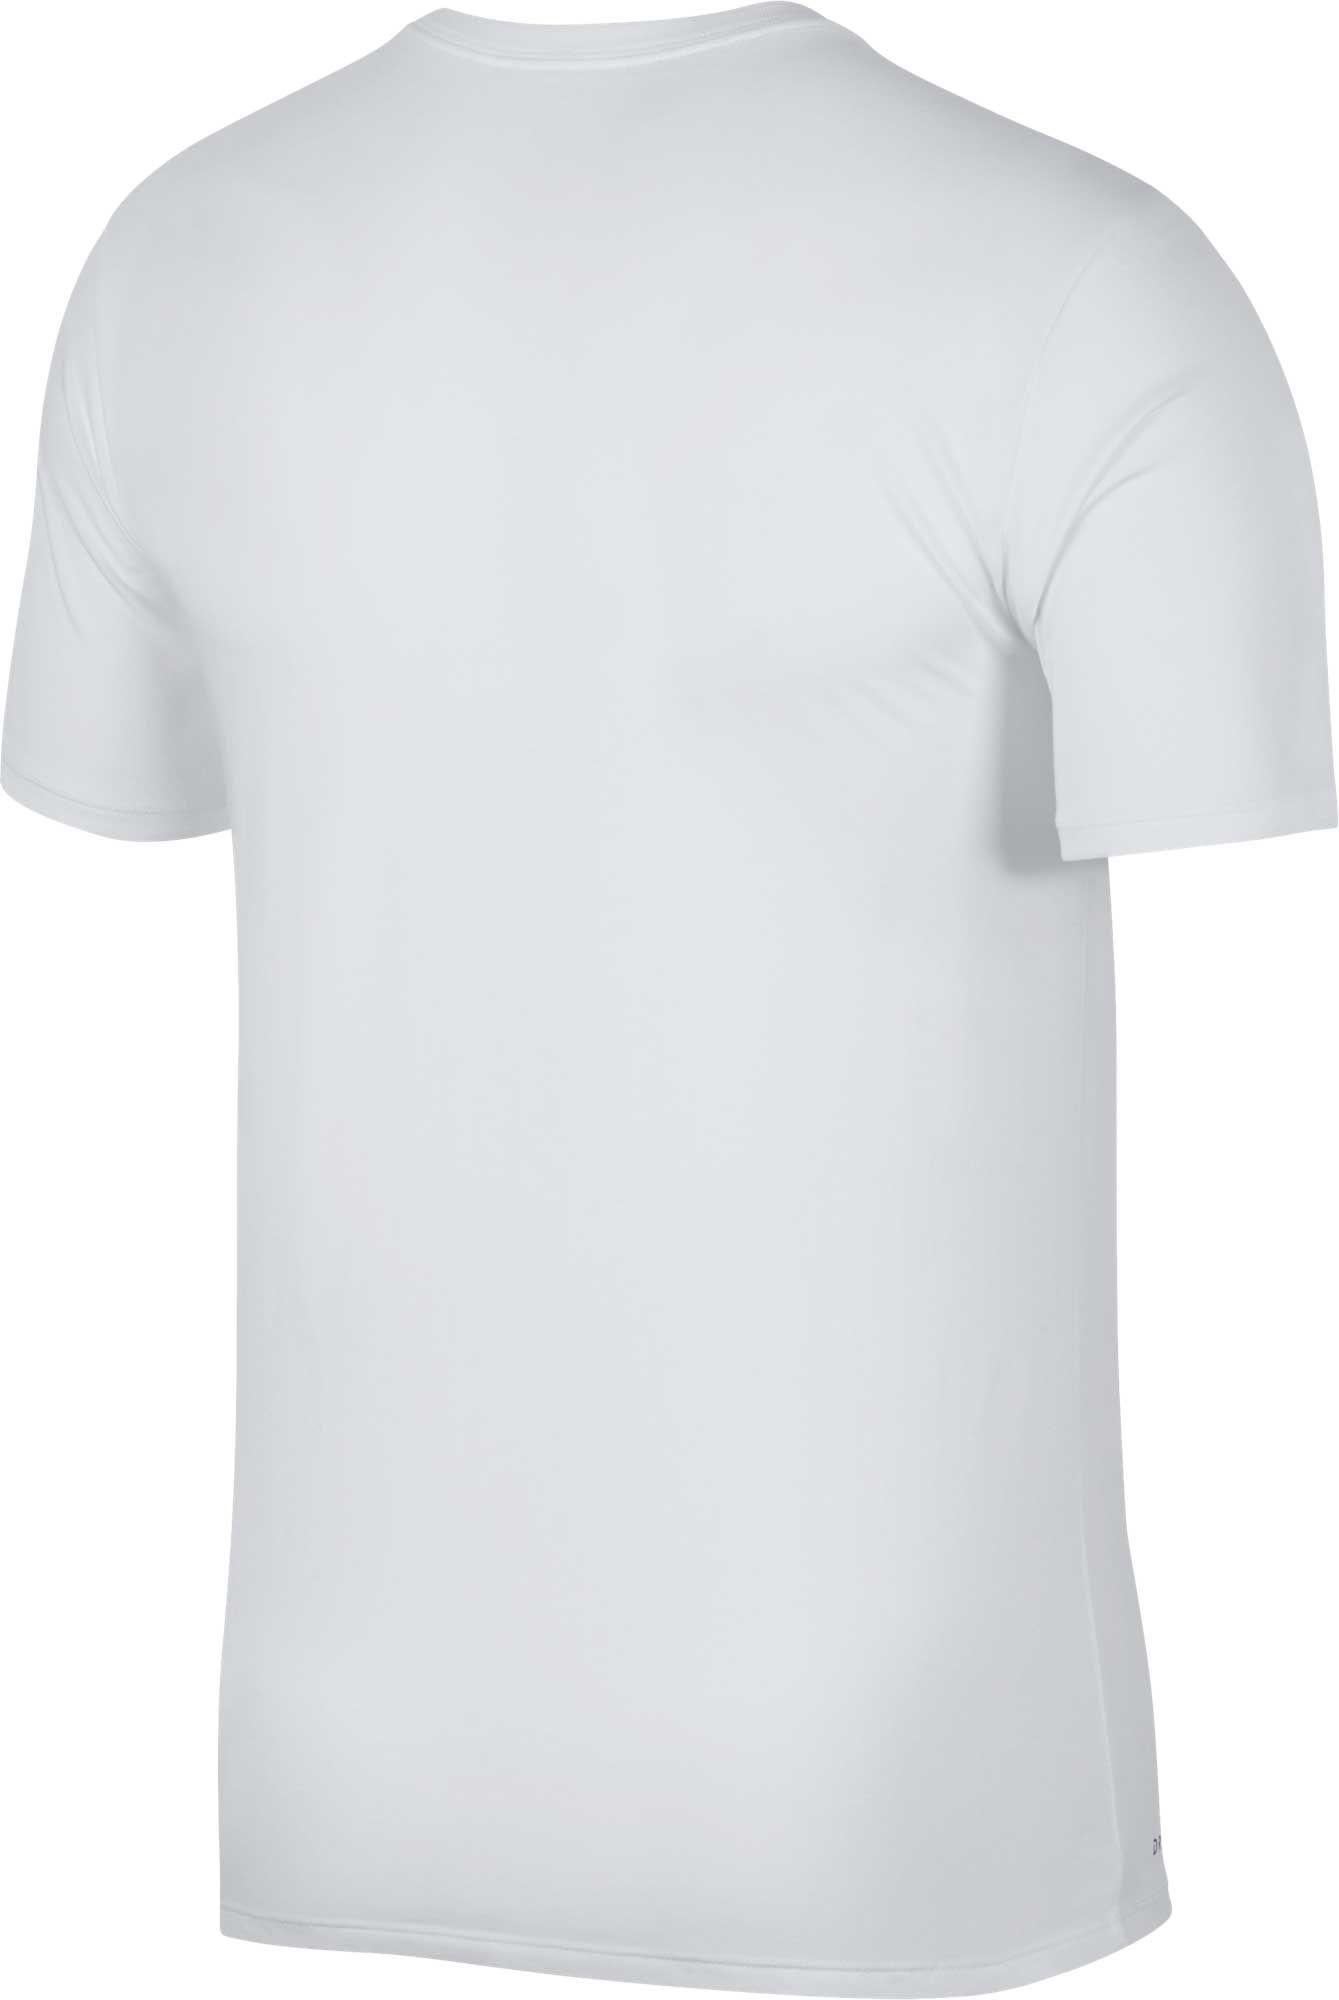 35df0fe40b141c Lyst - Nike Jordan Flight Mashup Graphic Tee in White for Men